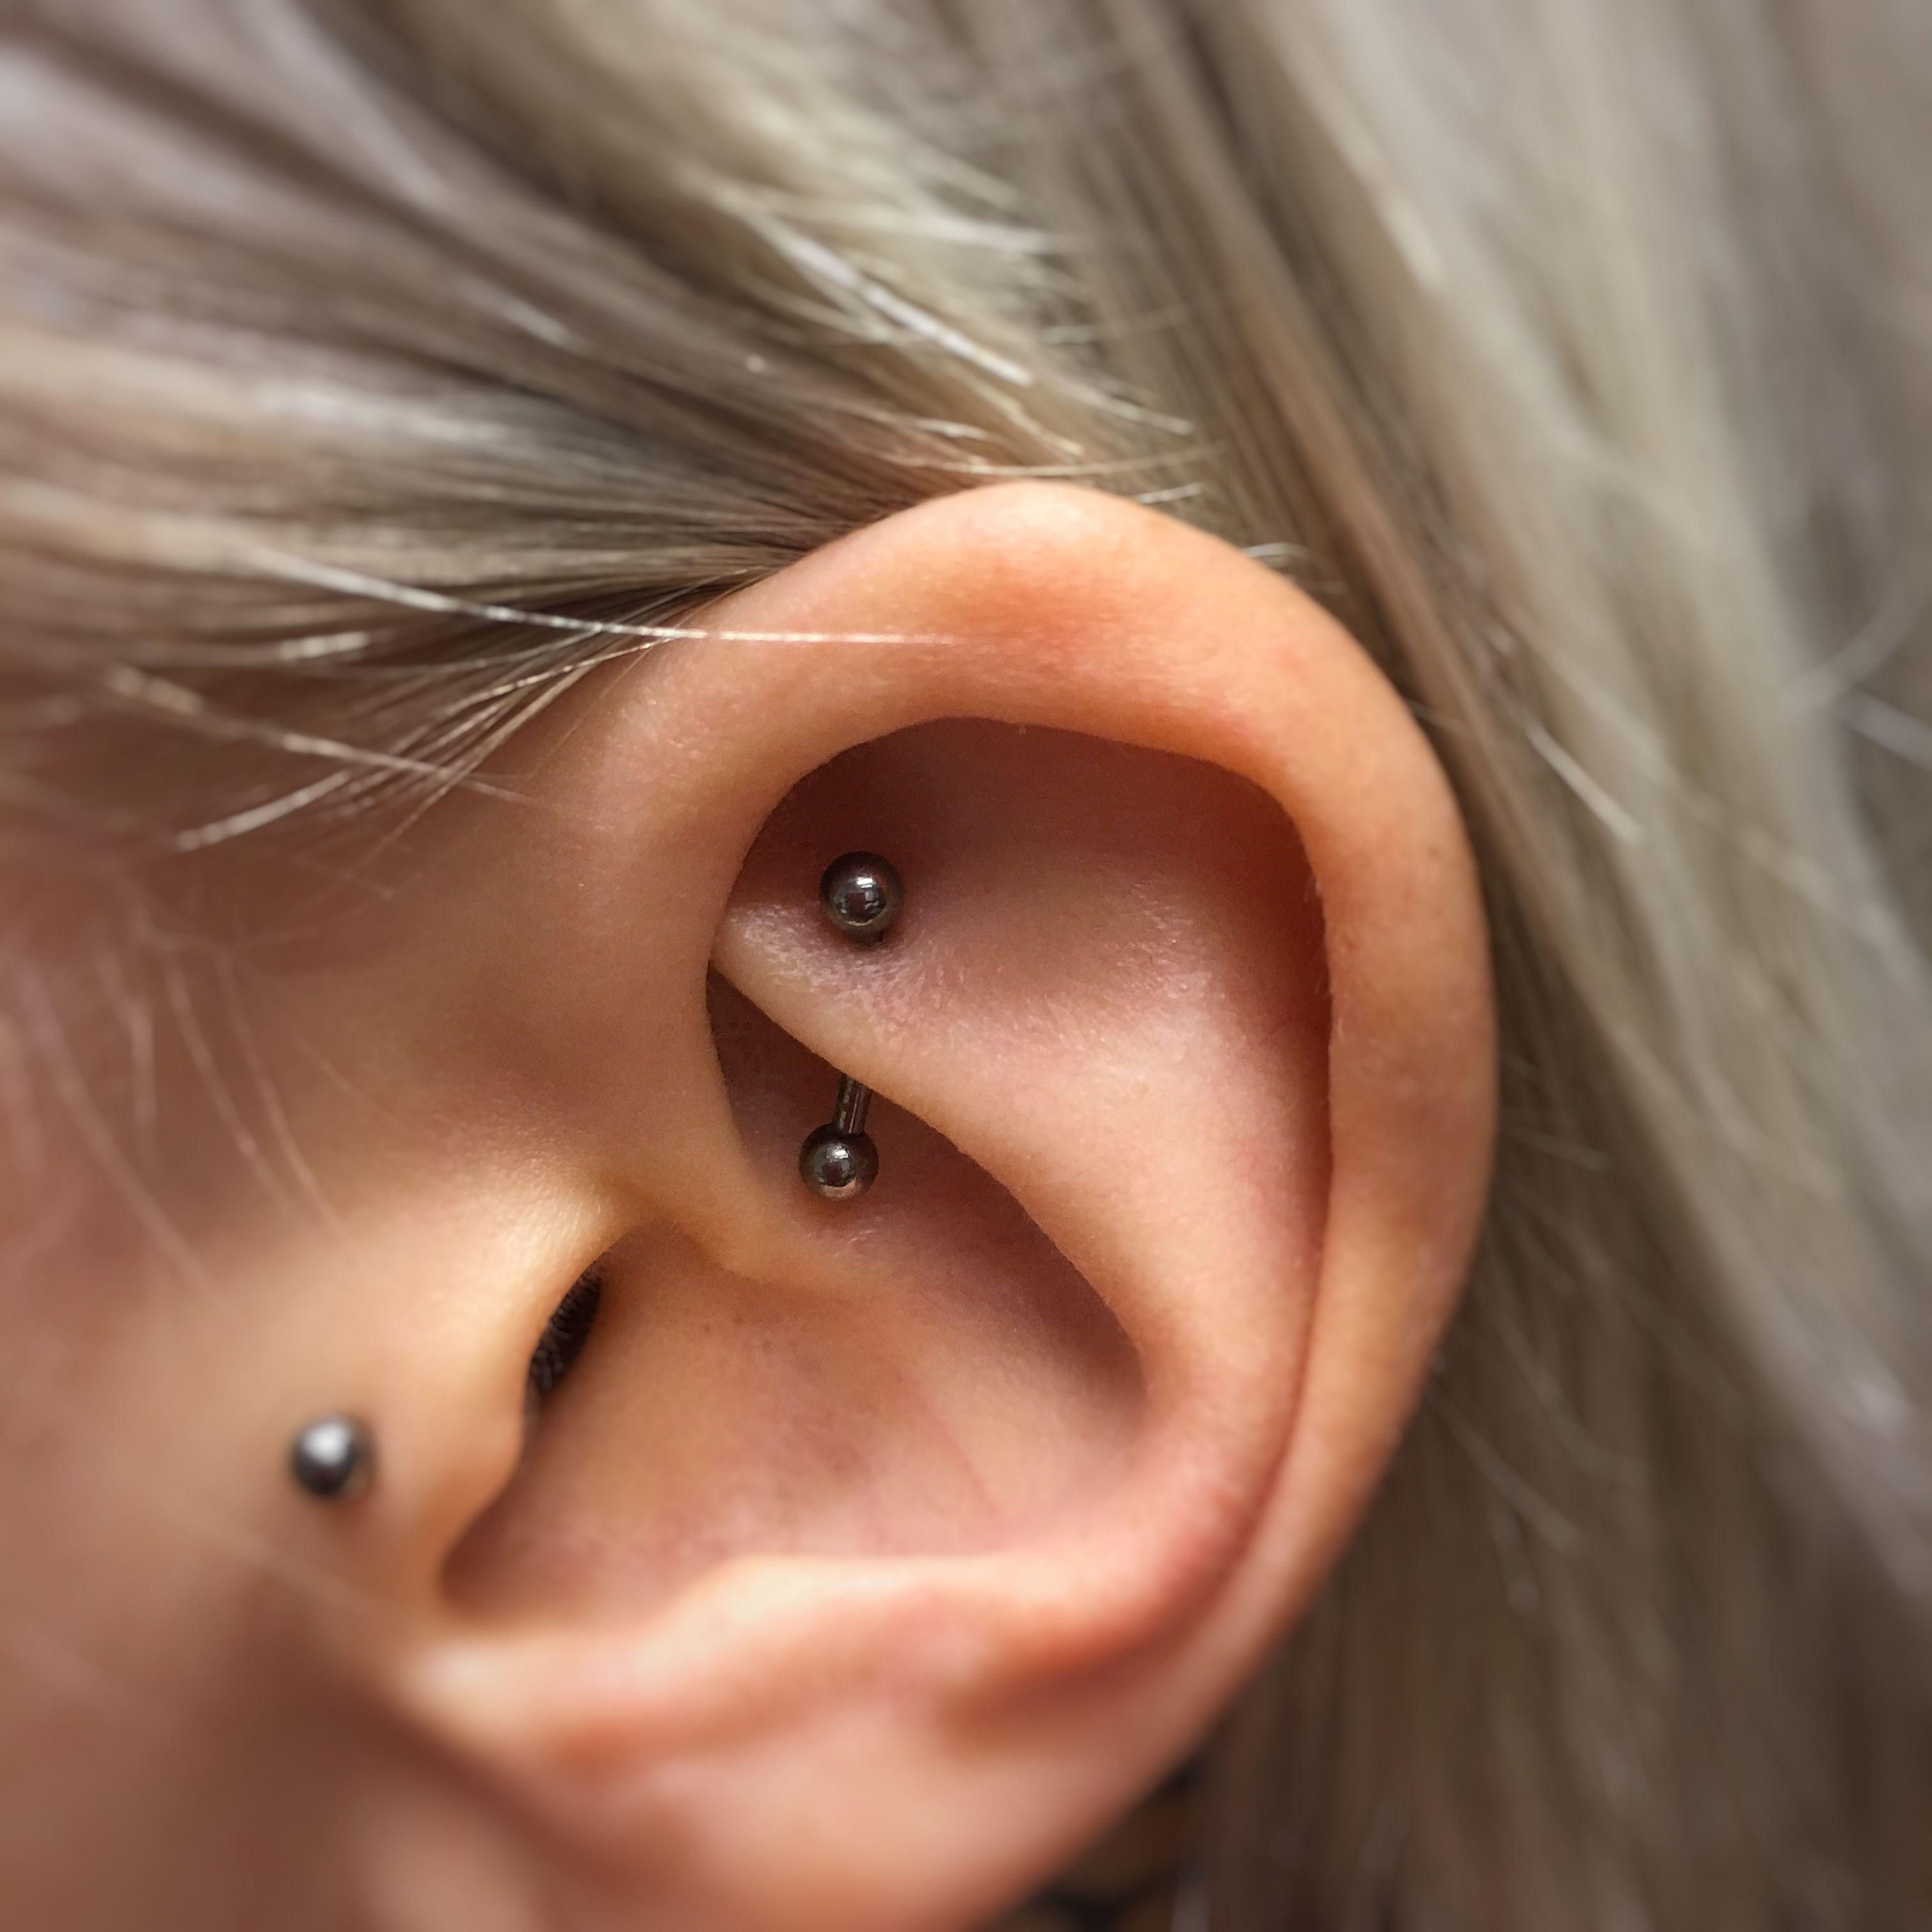 Rook piercing with titanium curved barbell / Rook-lävistys titaanisella korulla…